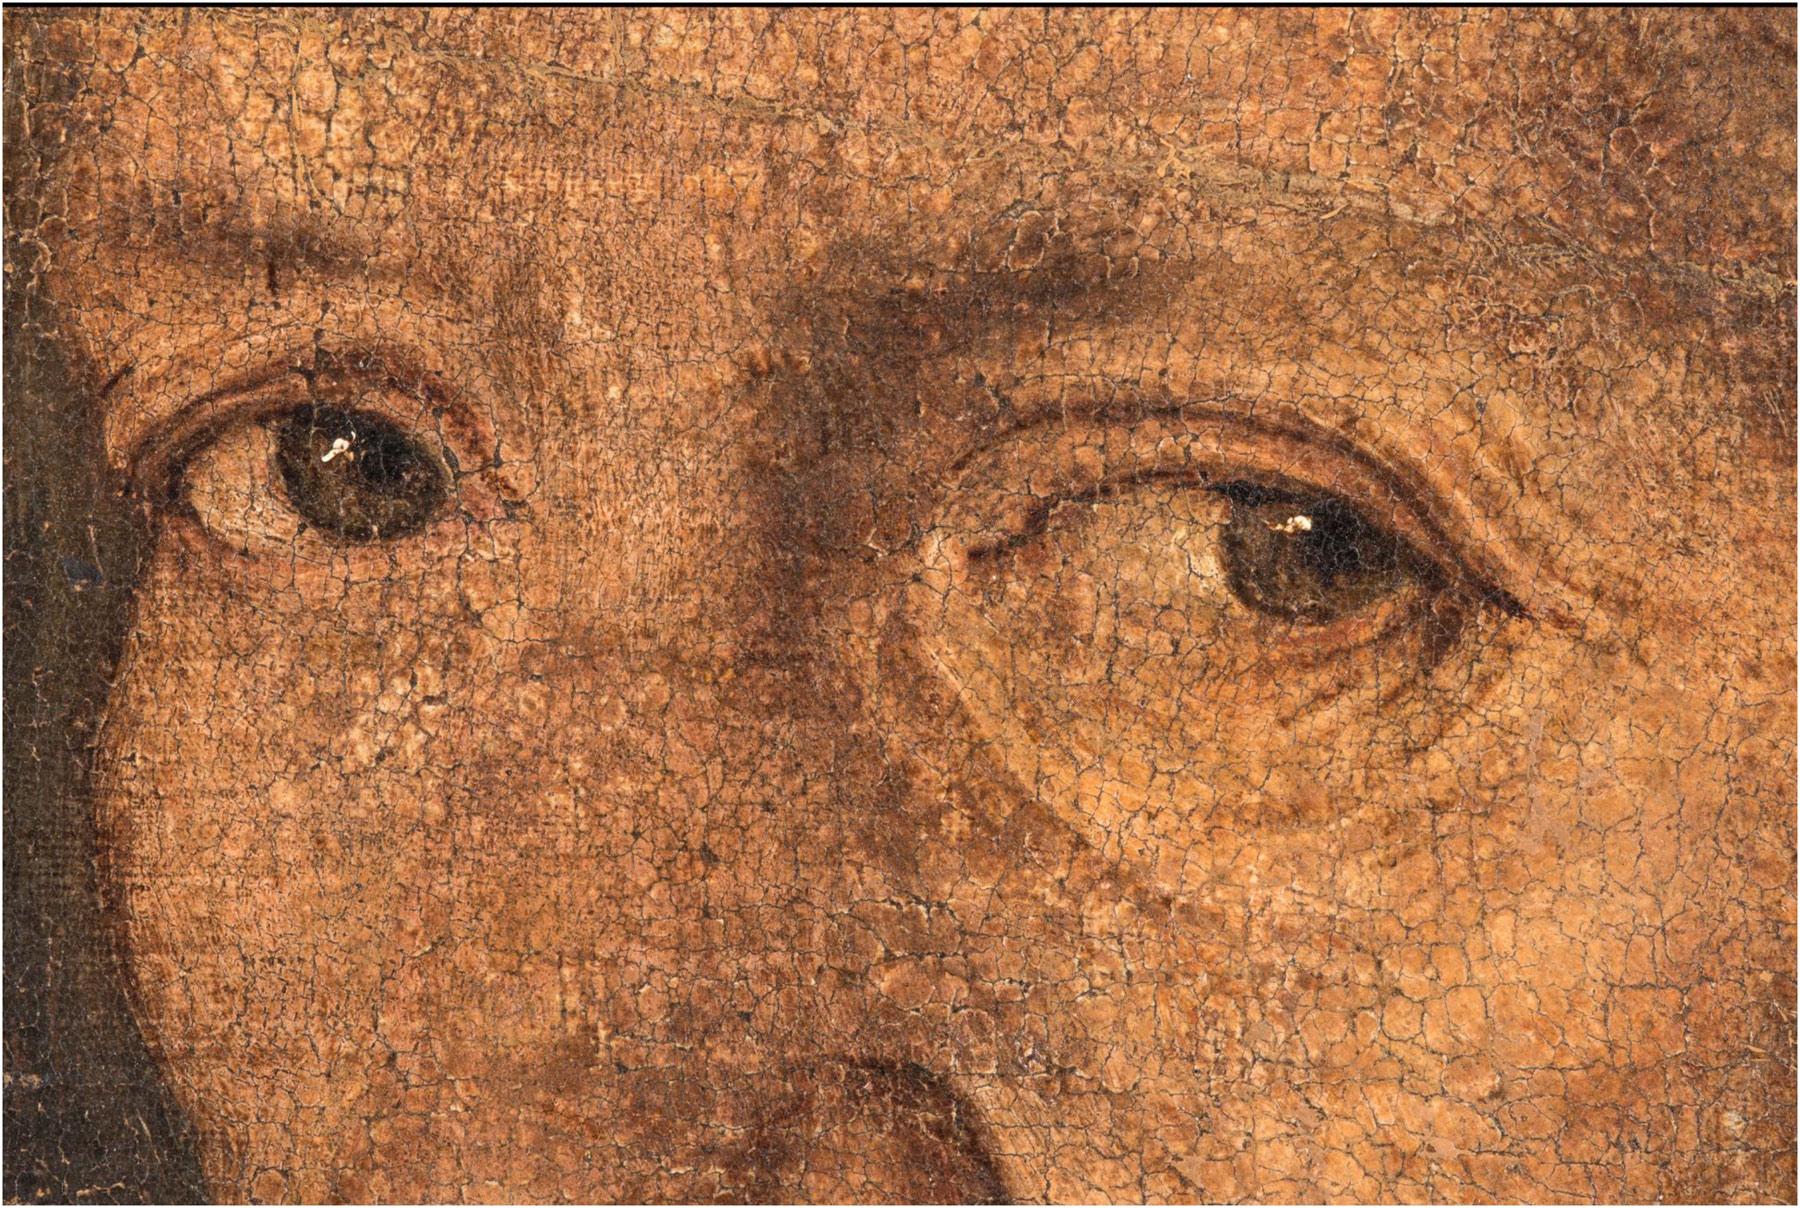 Giorgione, La Vecchia, macrofotografie degli occhi nel visibile